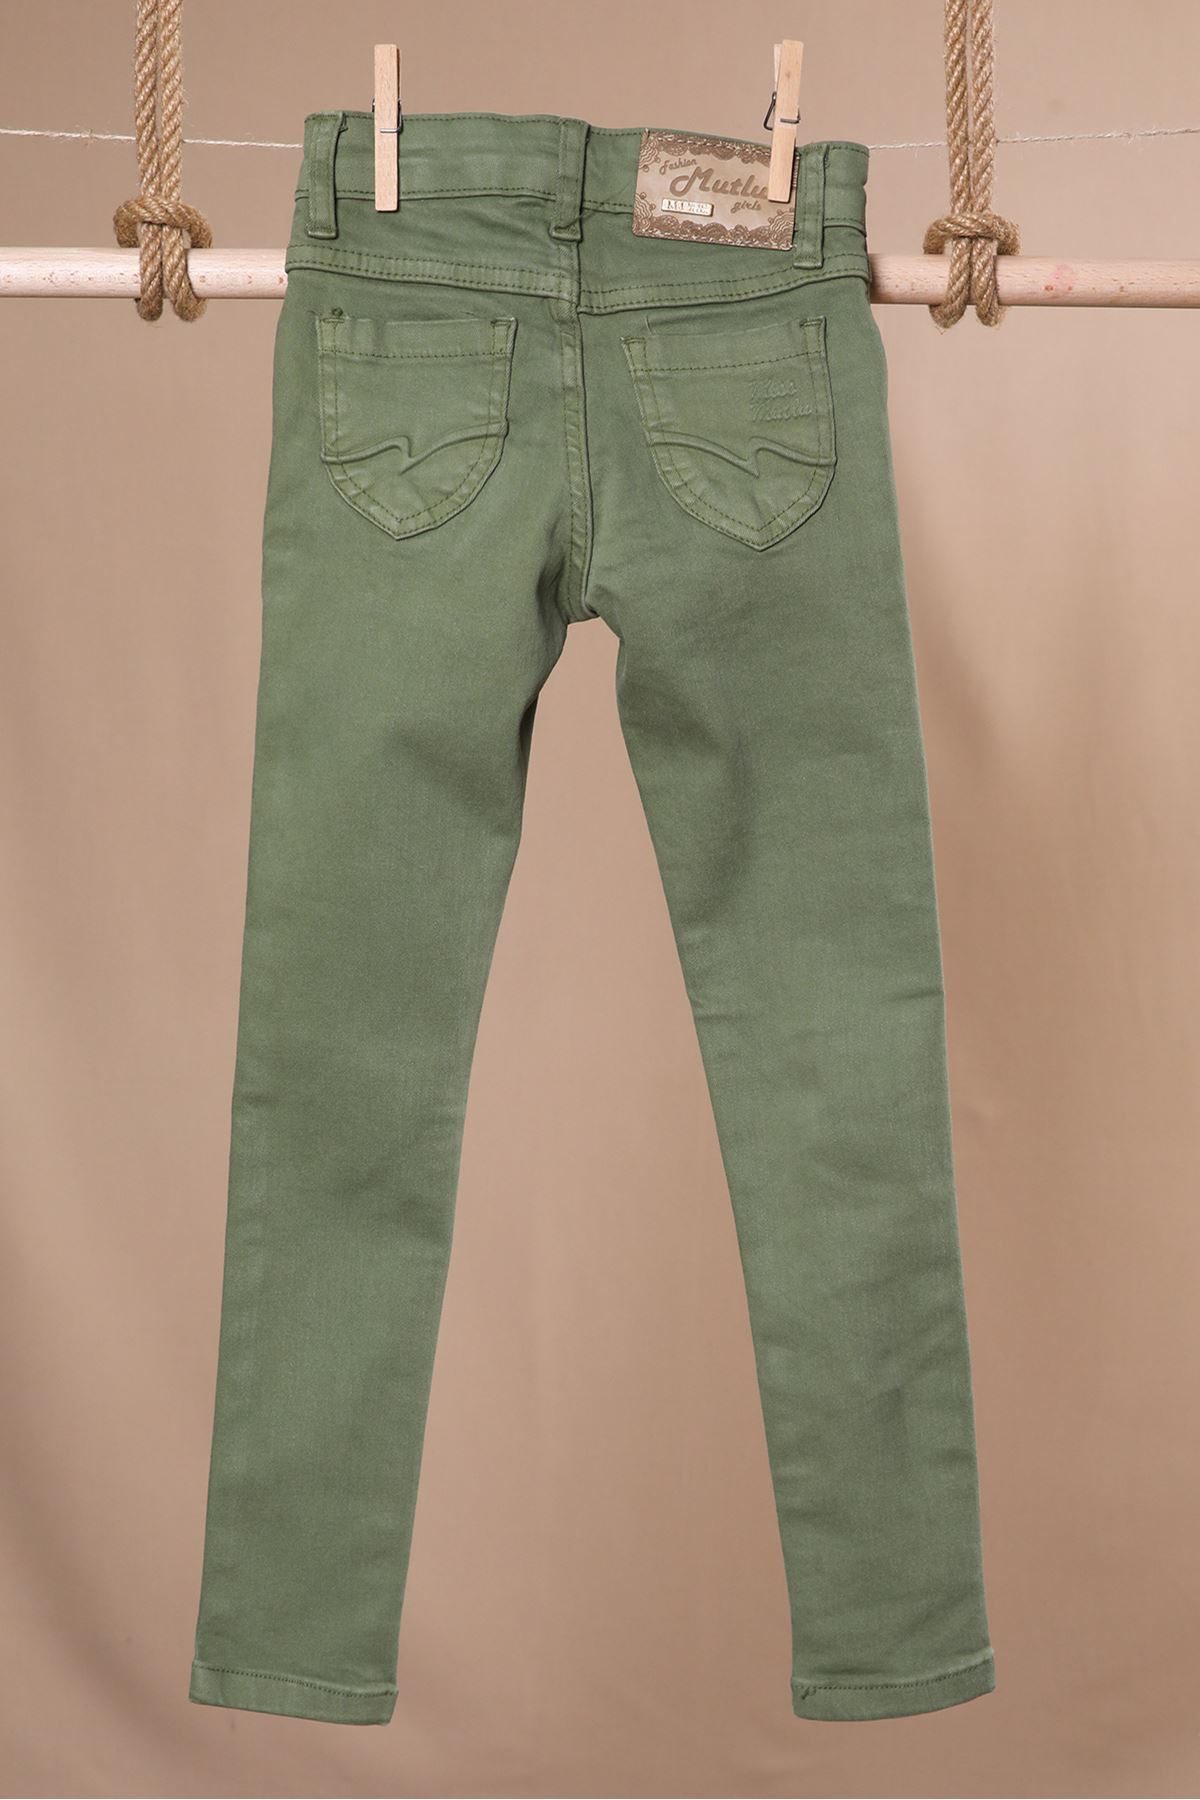 Dizi Yırtık Çocuk Kot Pantolon